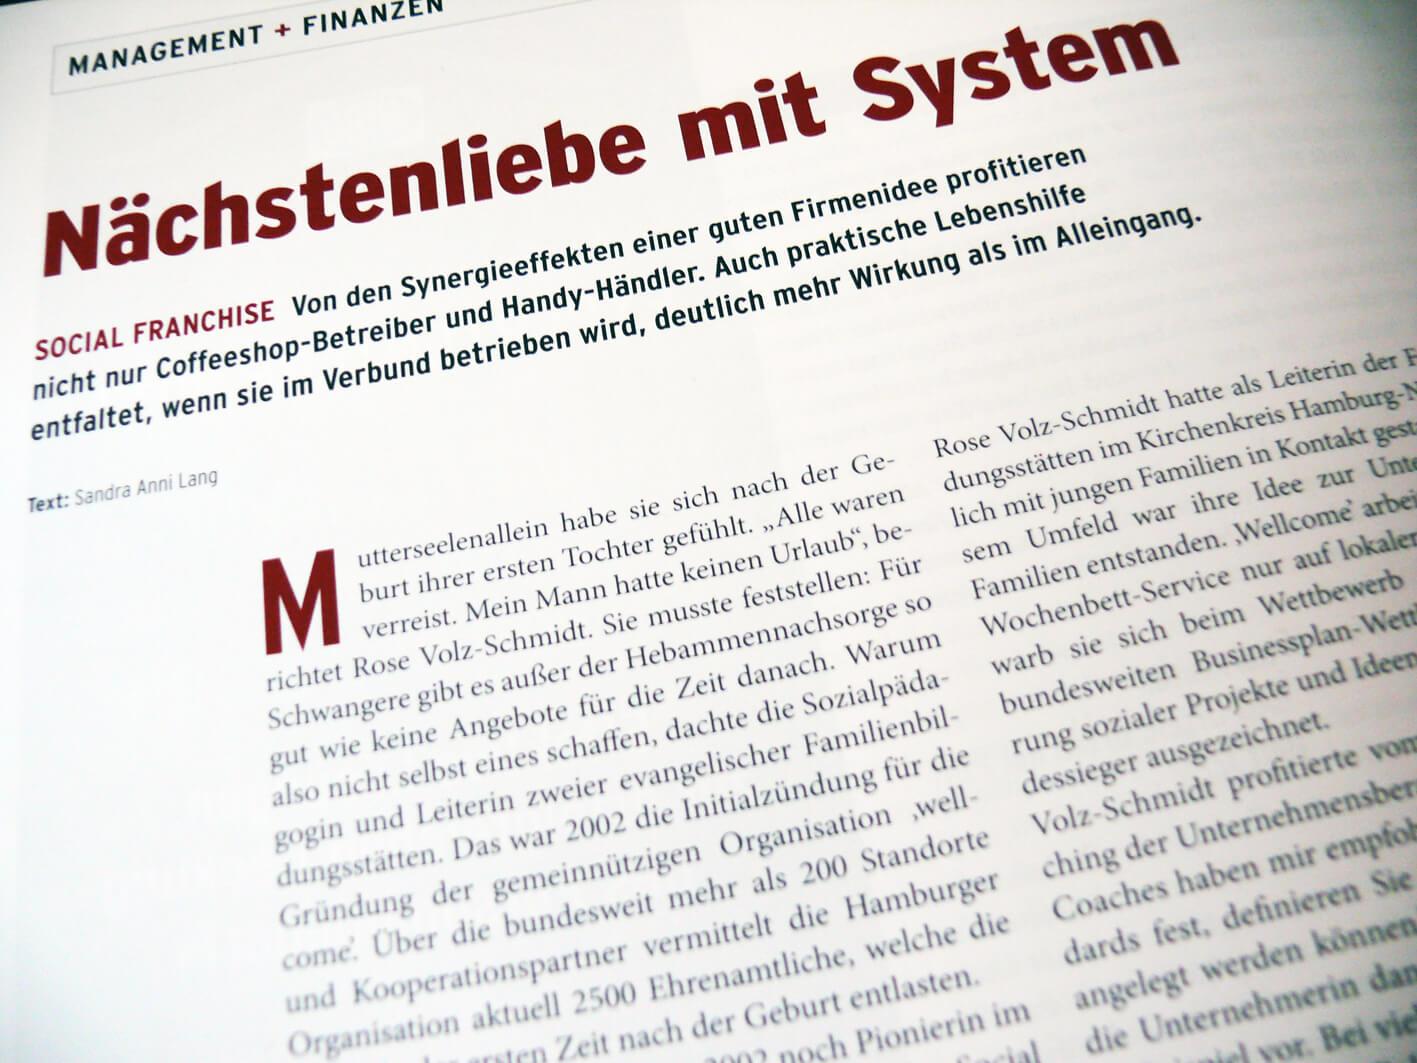 Social Franchising: Nächstenliebe mit System